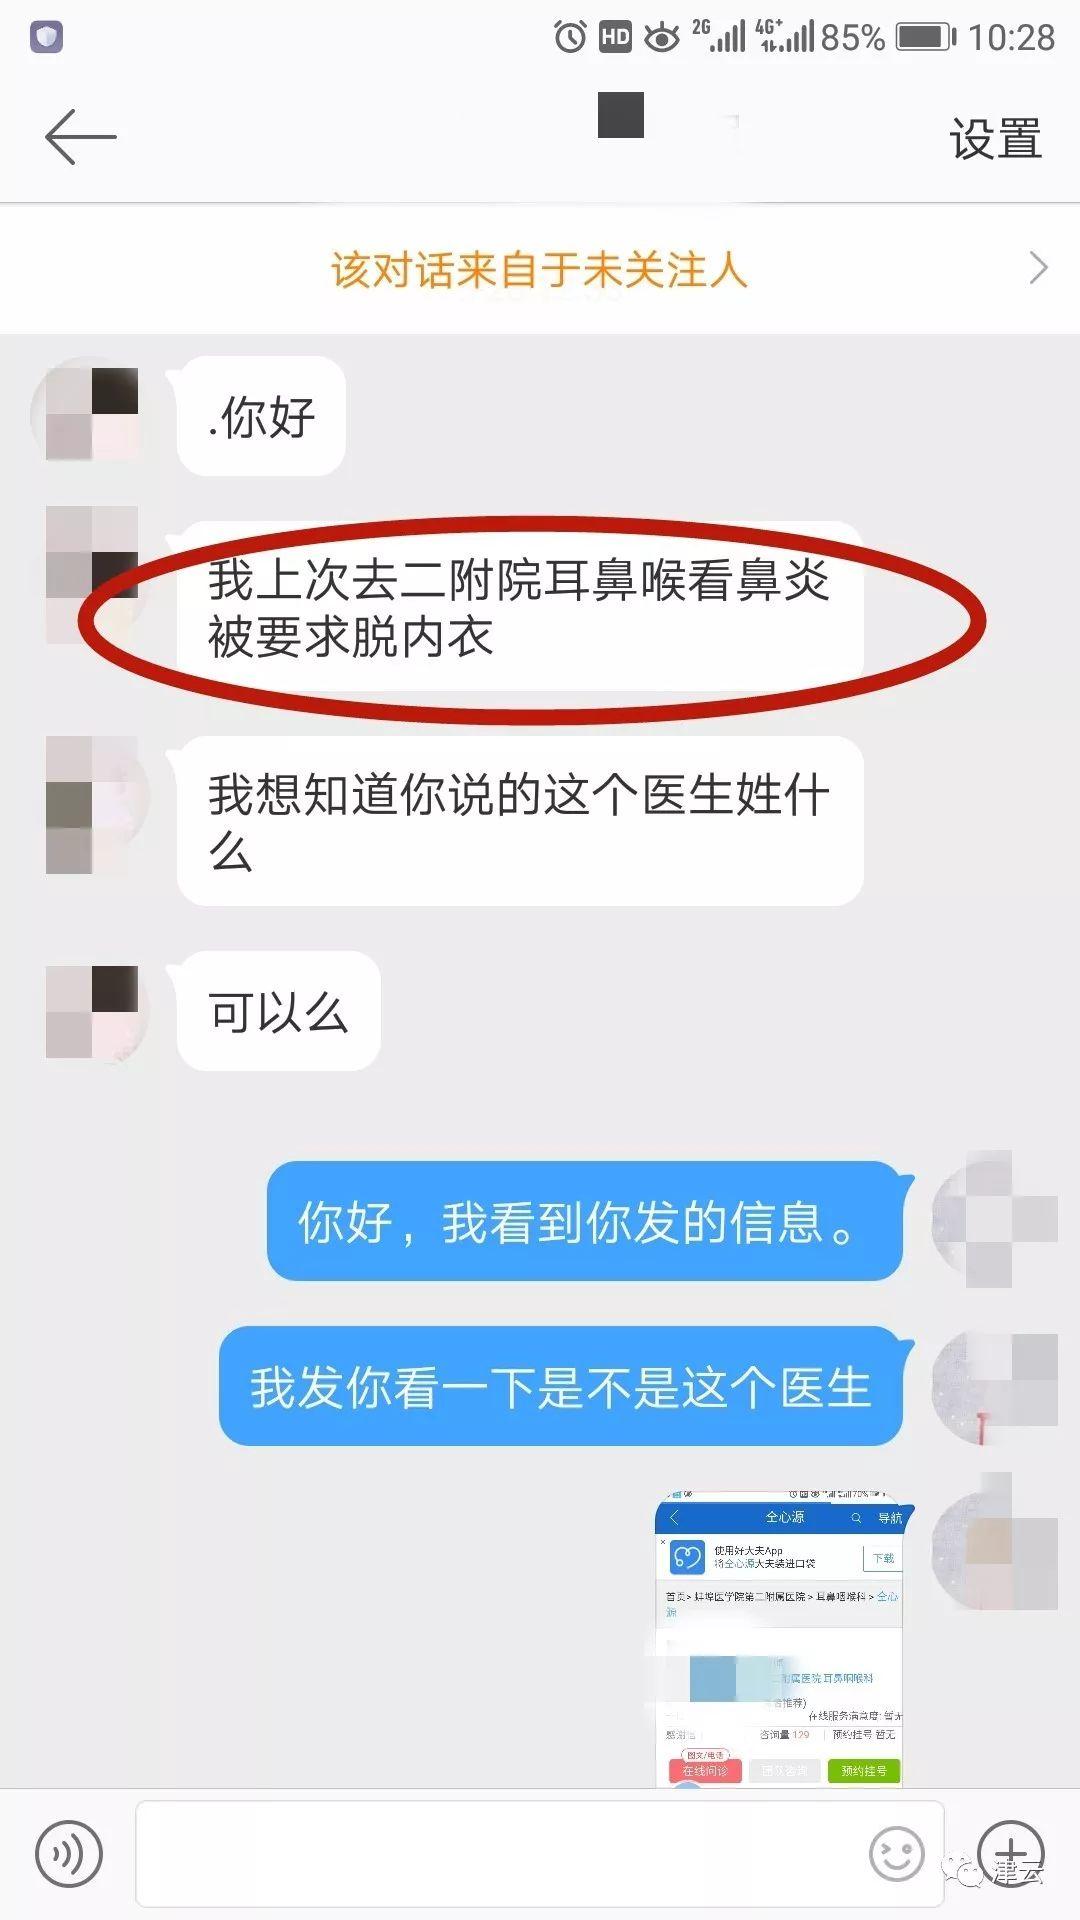 网上新濠天地·杨鸣谈作为解说嘉宾:是一种很好的尝试 享受这个过程